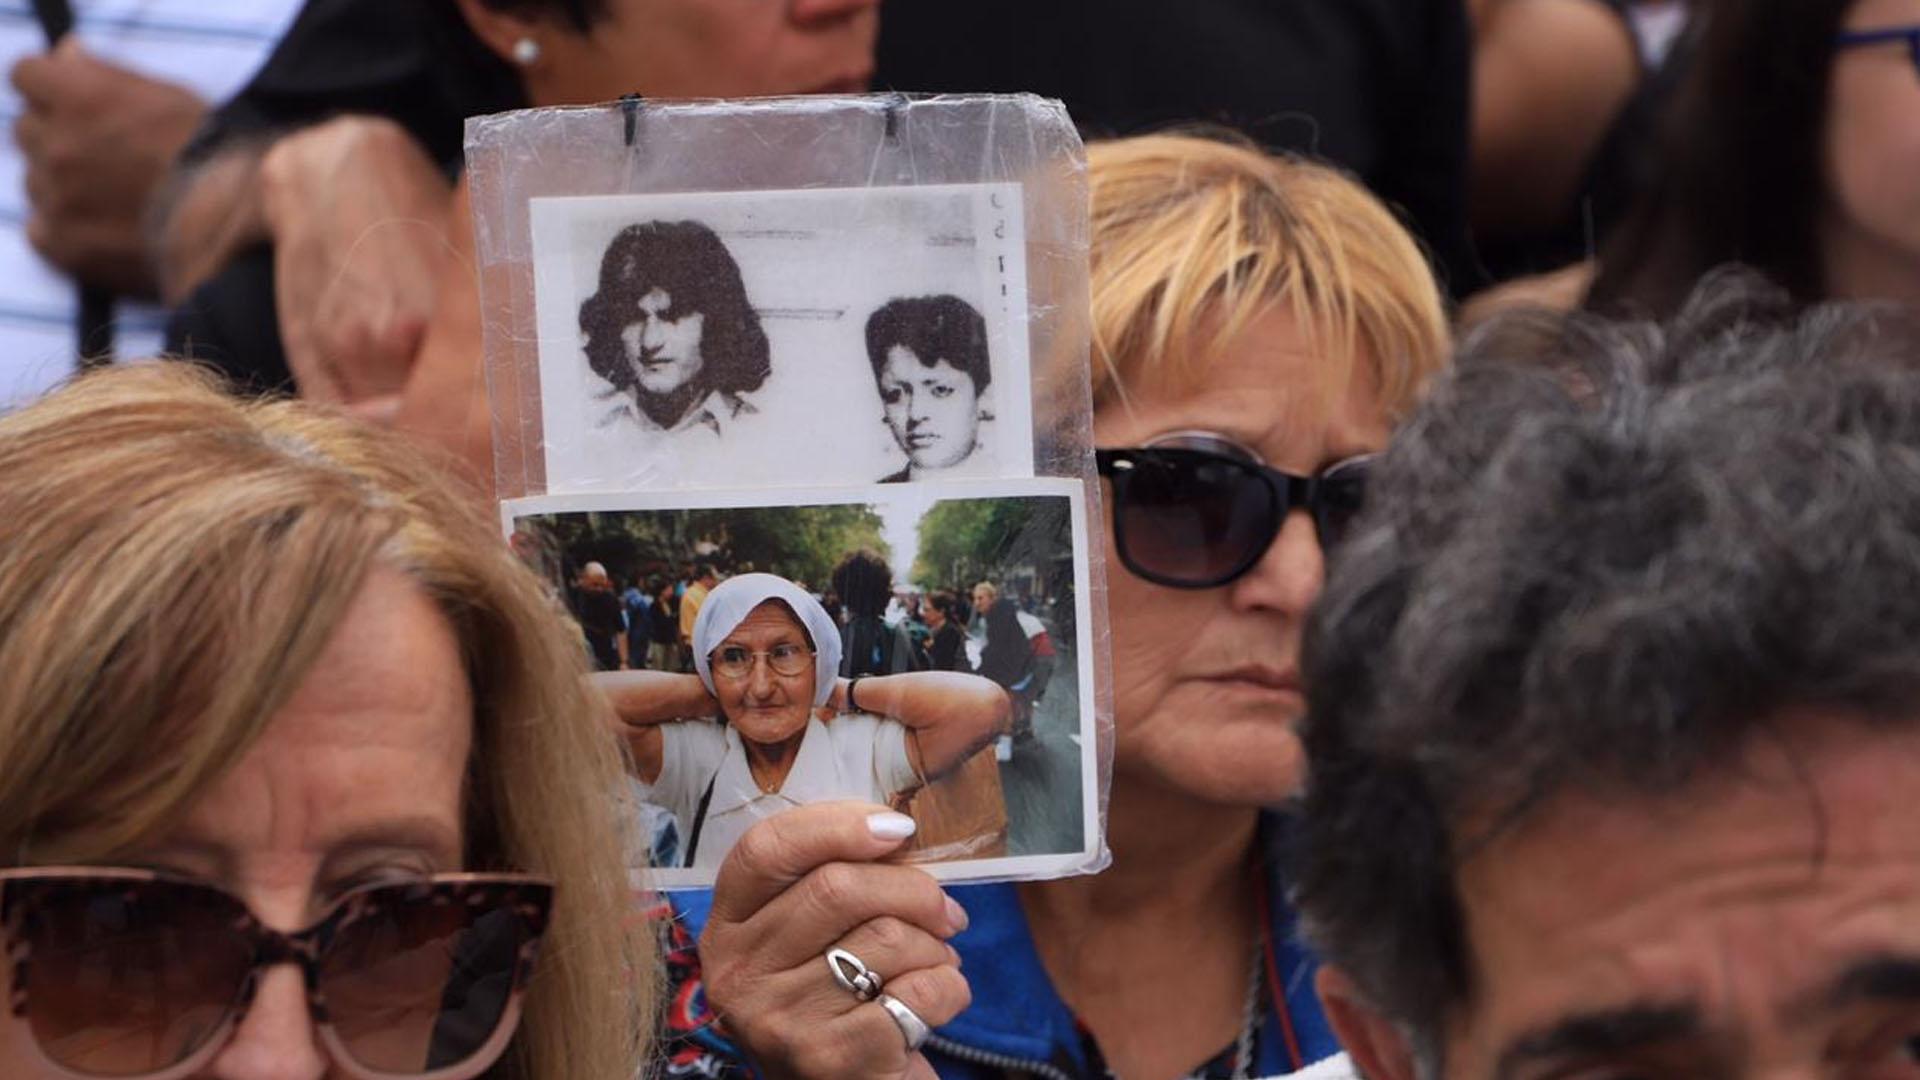 En el acto también hubo familiares de jóvenes desaparecidos